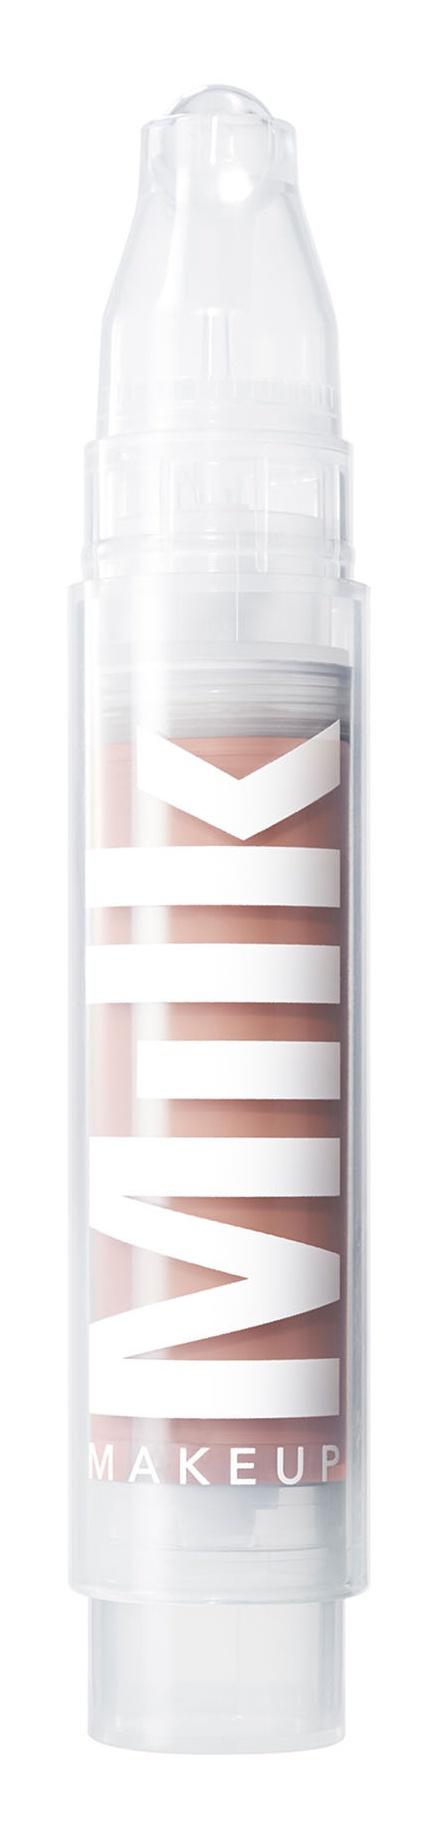 Milk Makeup Skin Tint